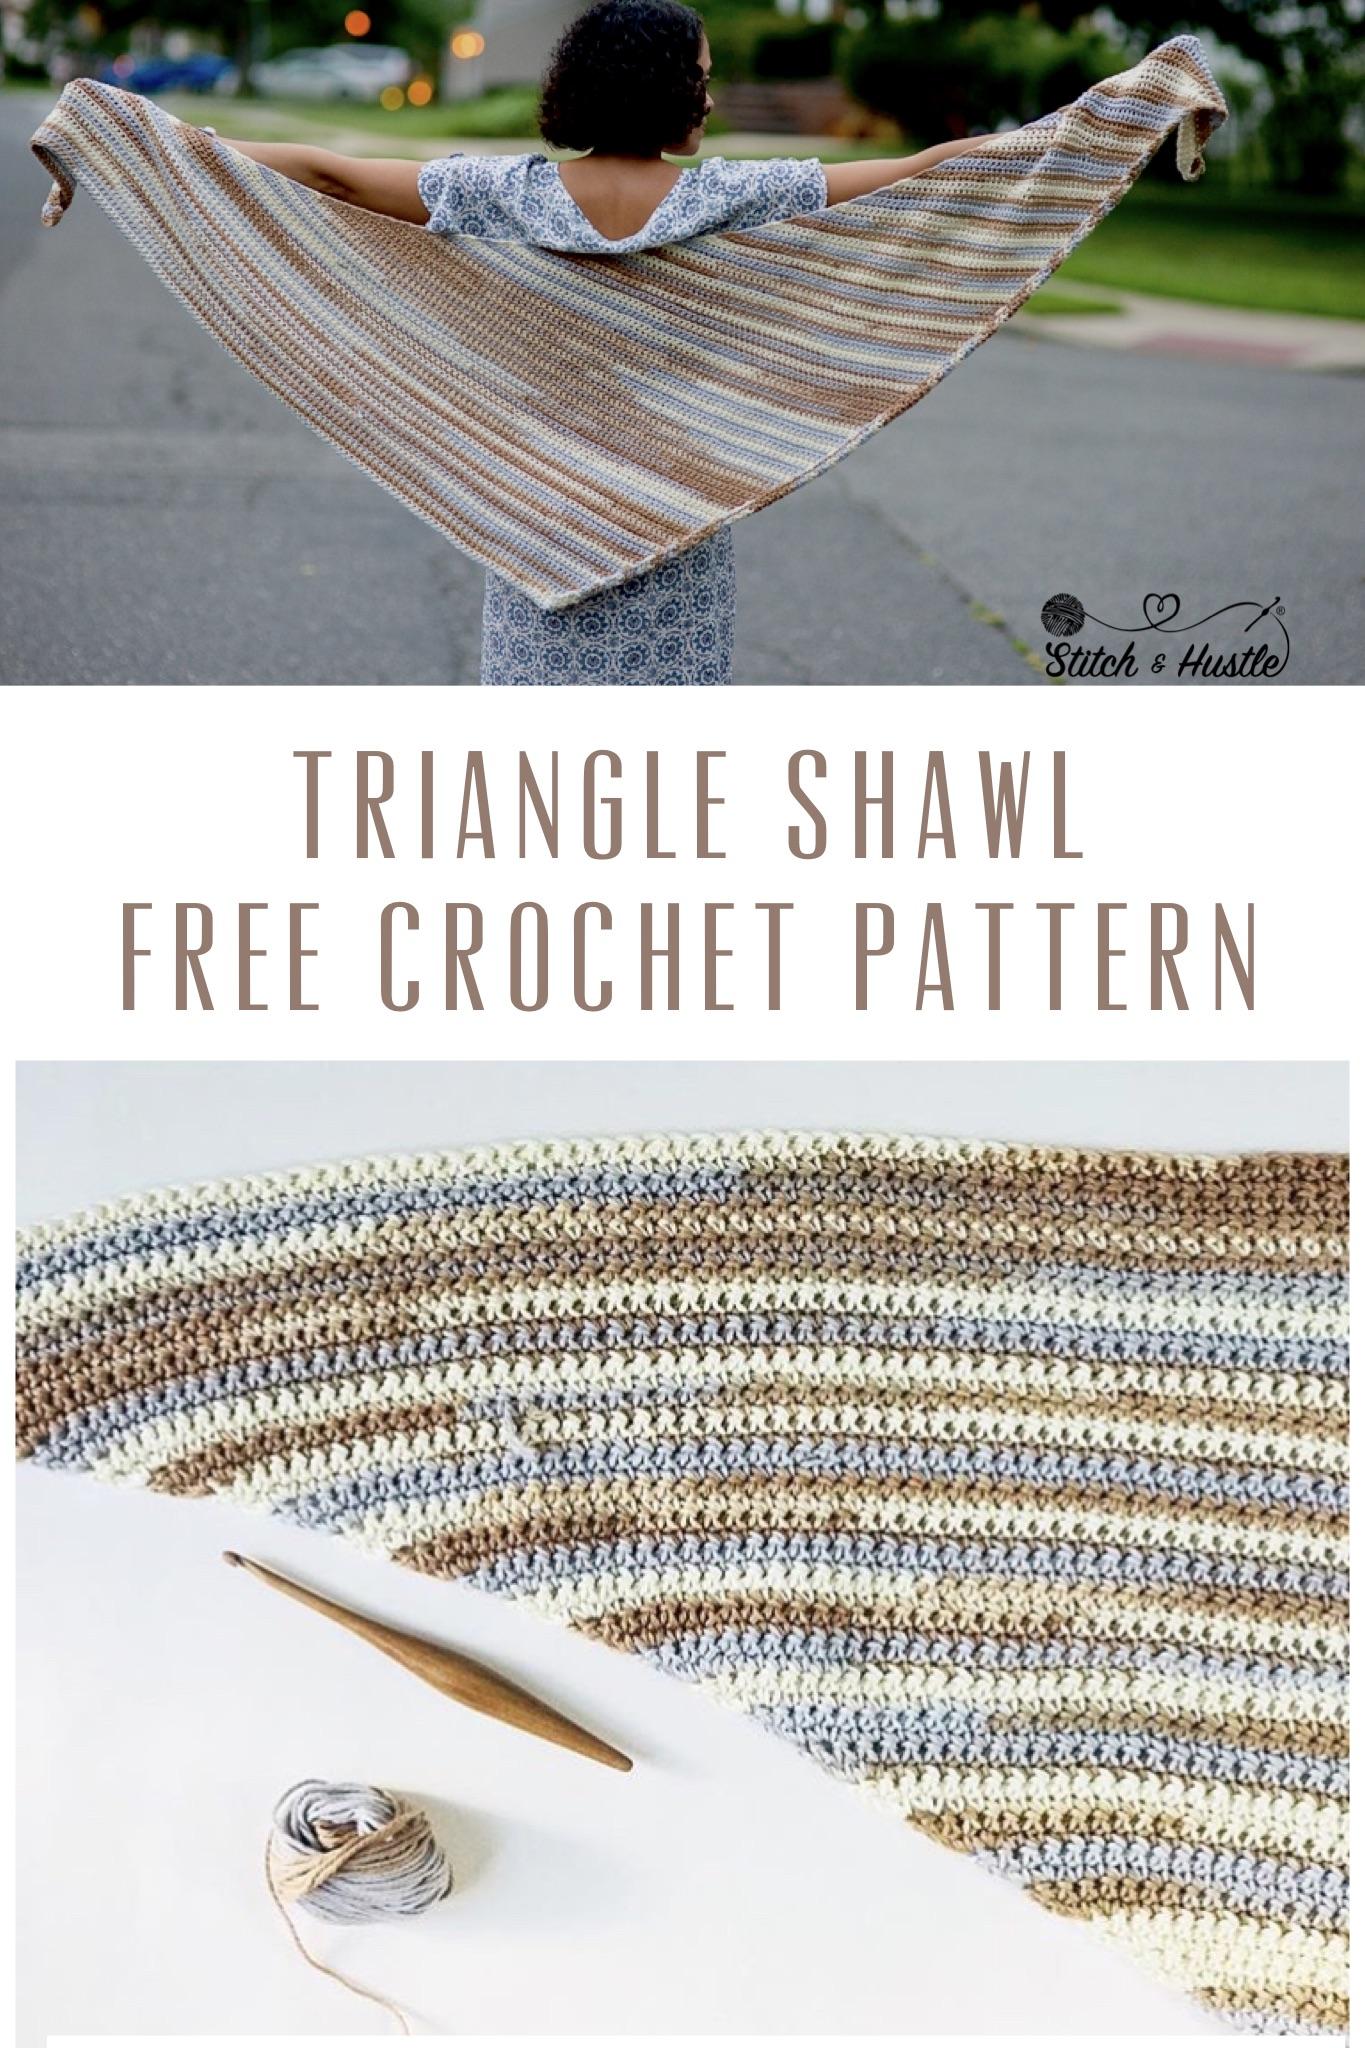 Asymmetricla_triangle_shawl_free-crochet_pattern_3.jpg